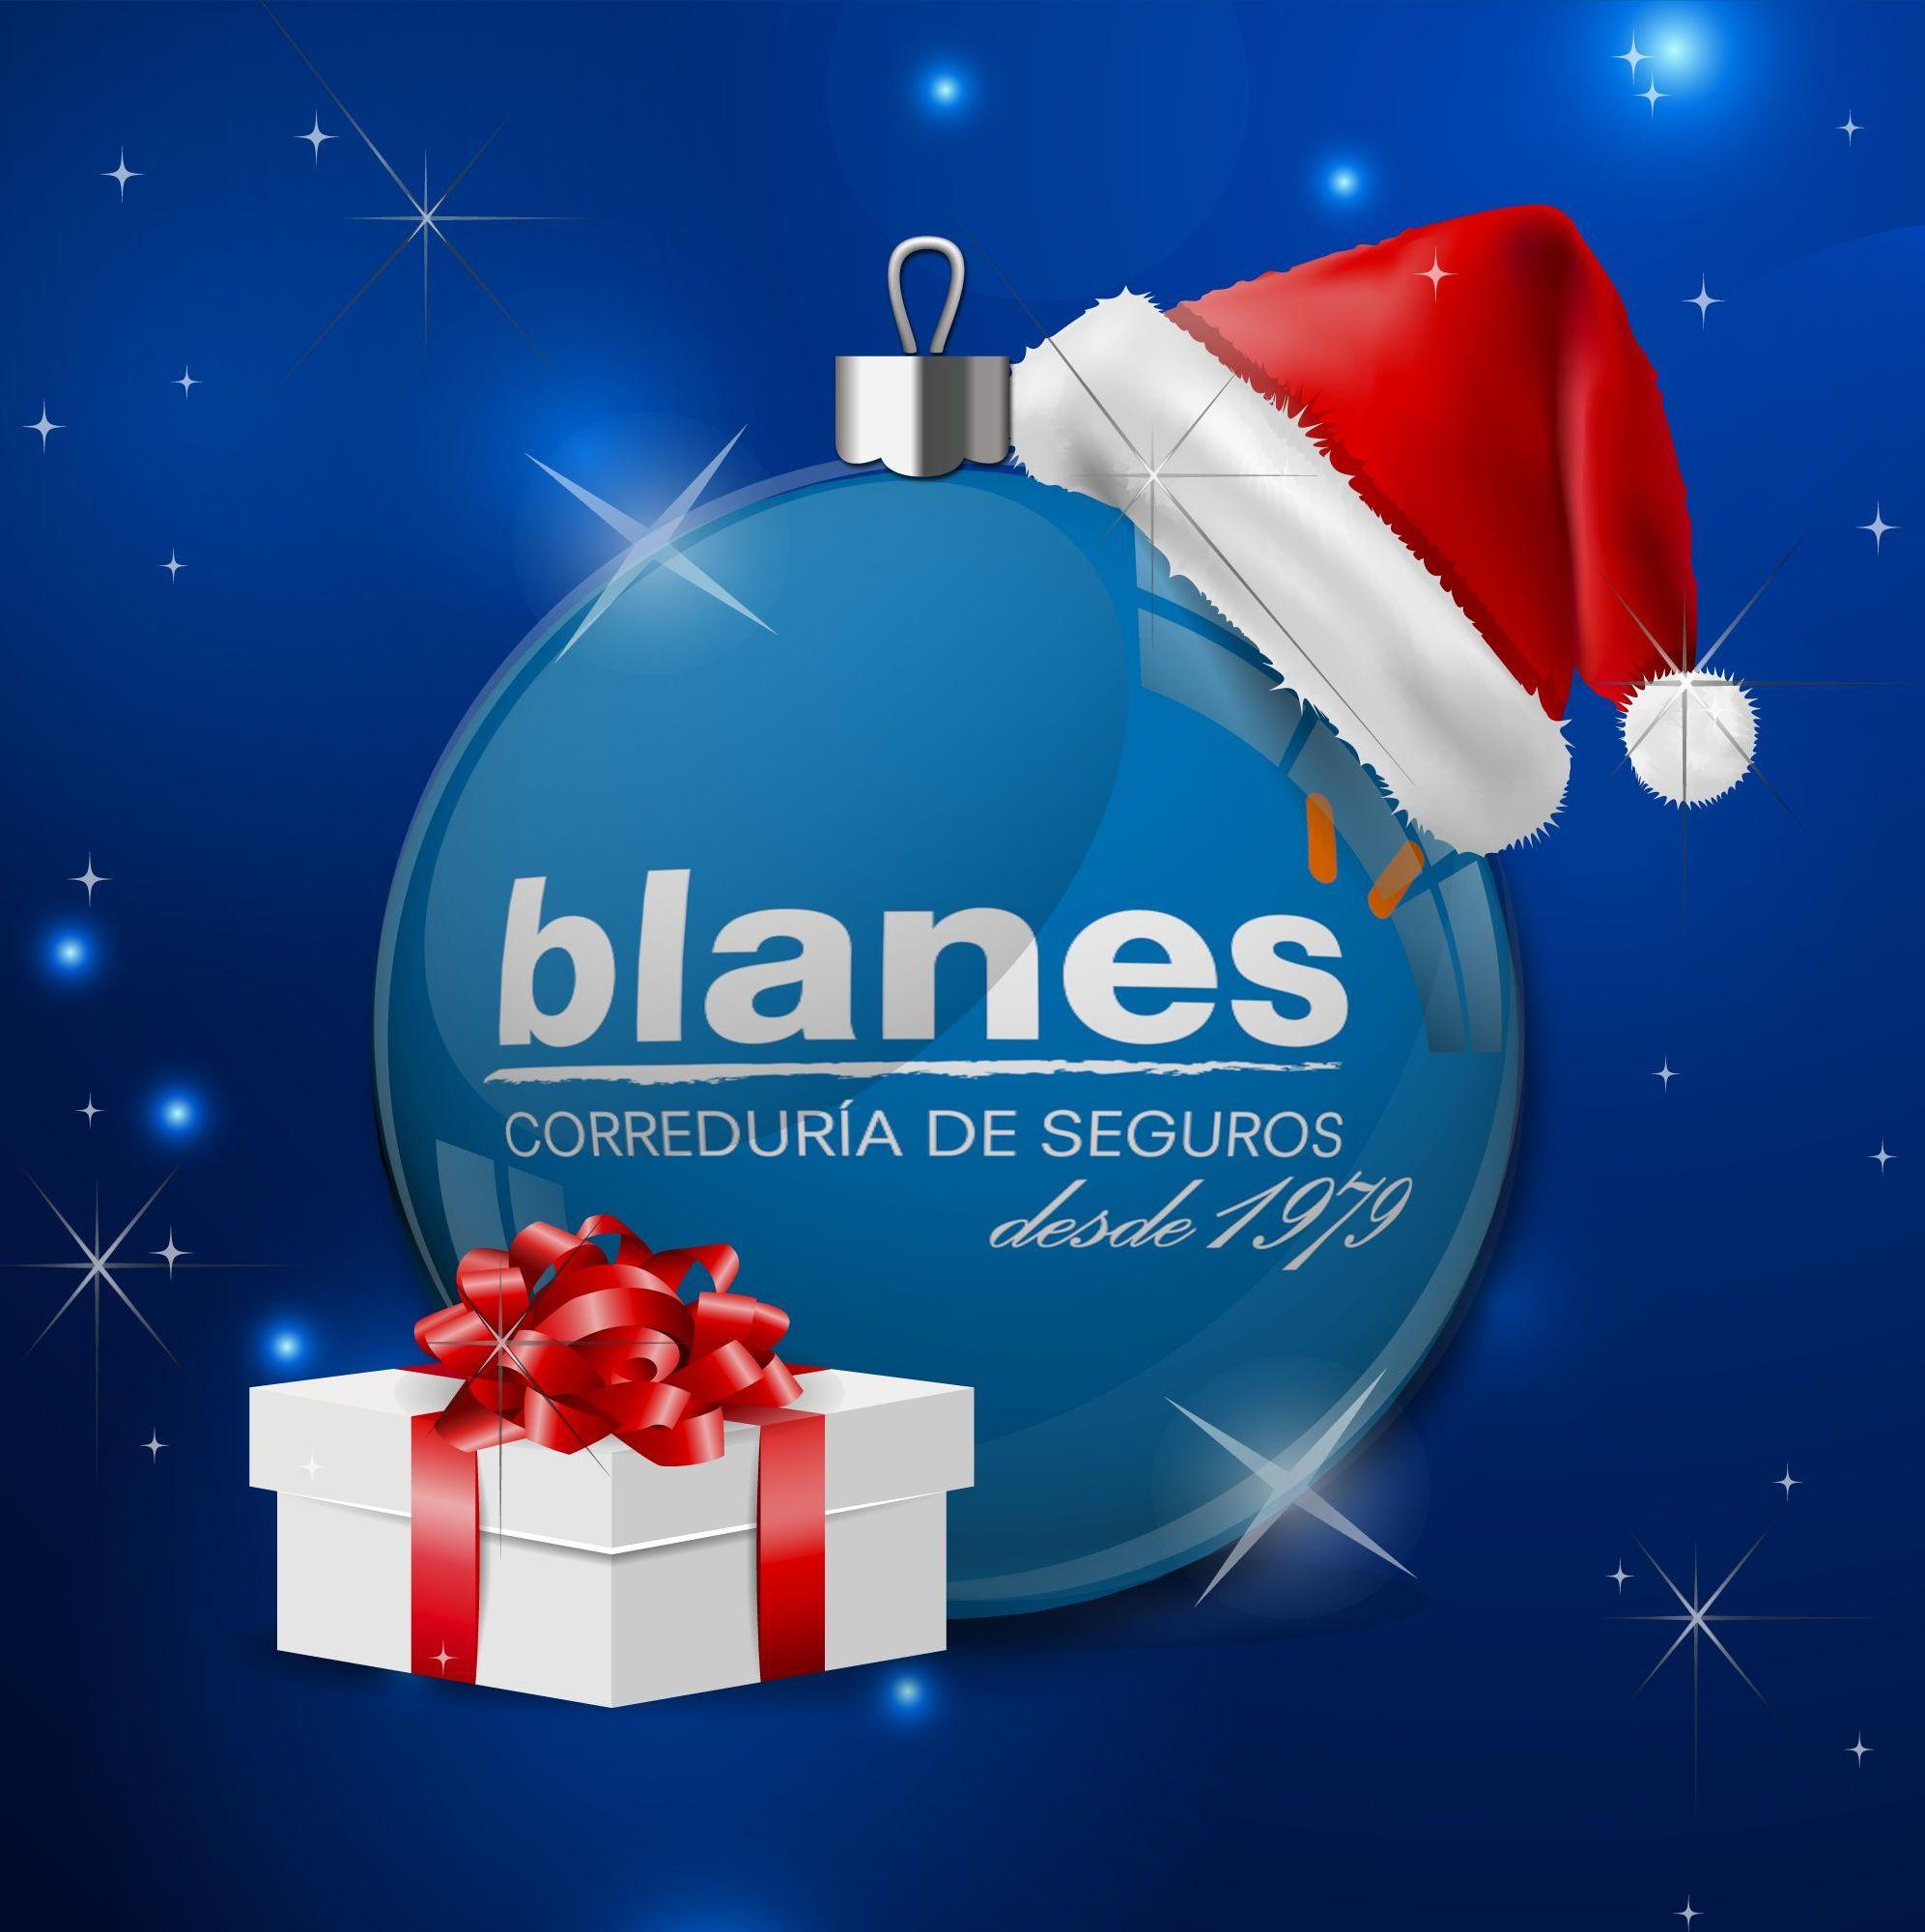 El equipo de Blanes Correduría de Seguros les desea felices fiestas #FelizNavidad